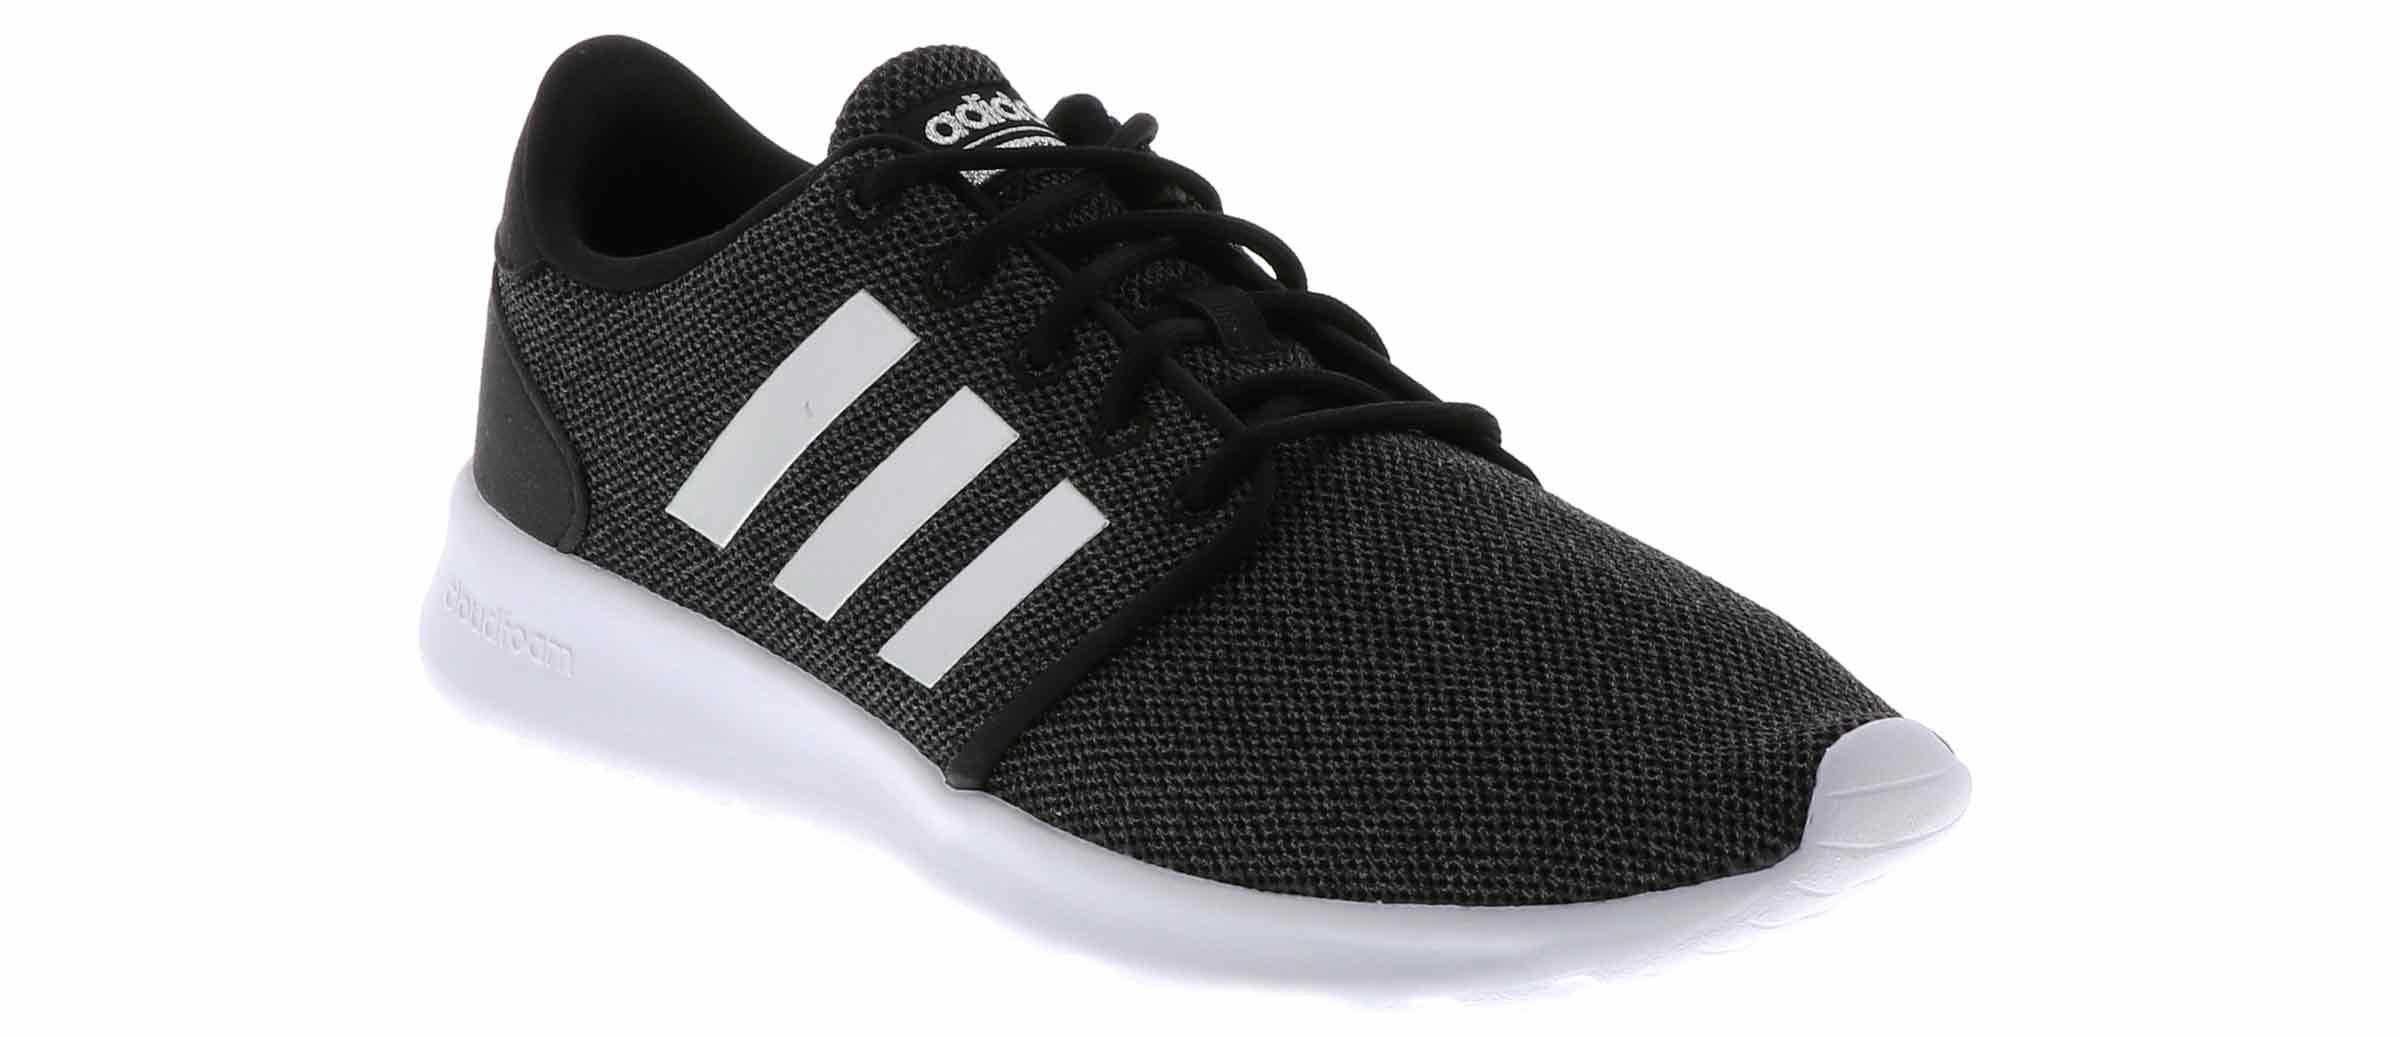 billig ADIDAS CF QT RACER Running Shoe For Women großer